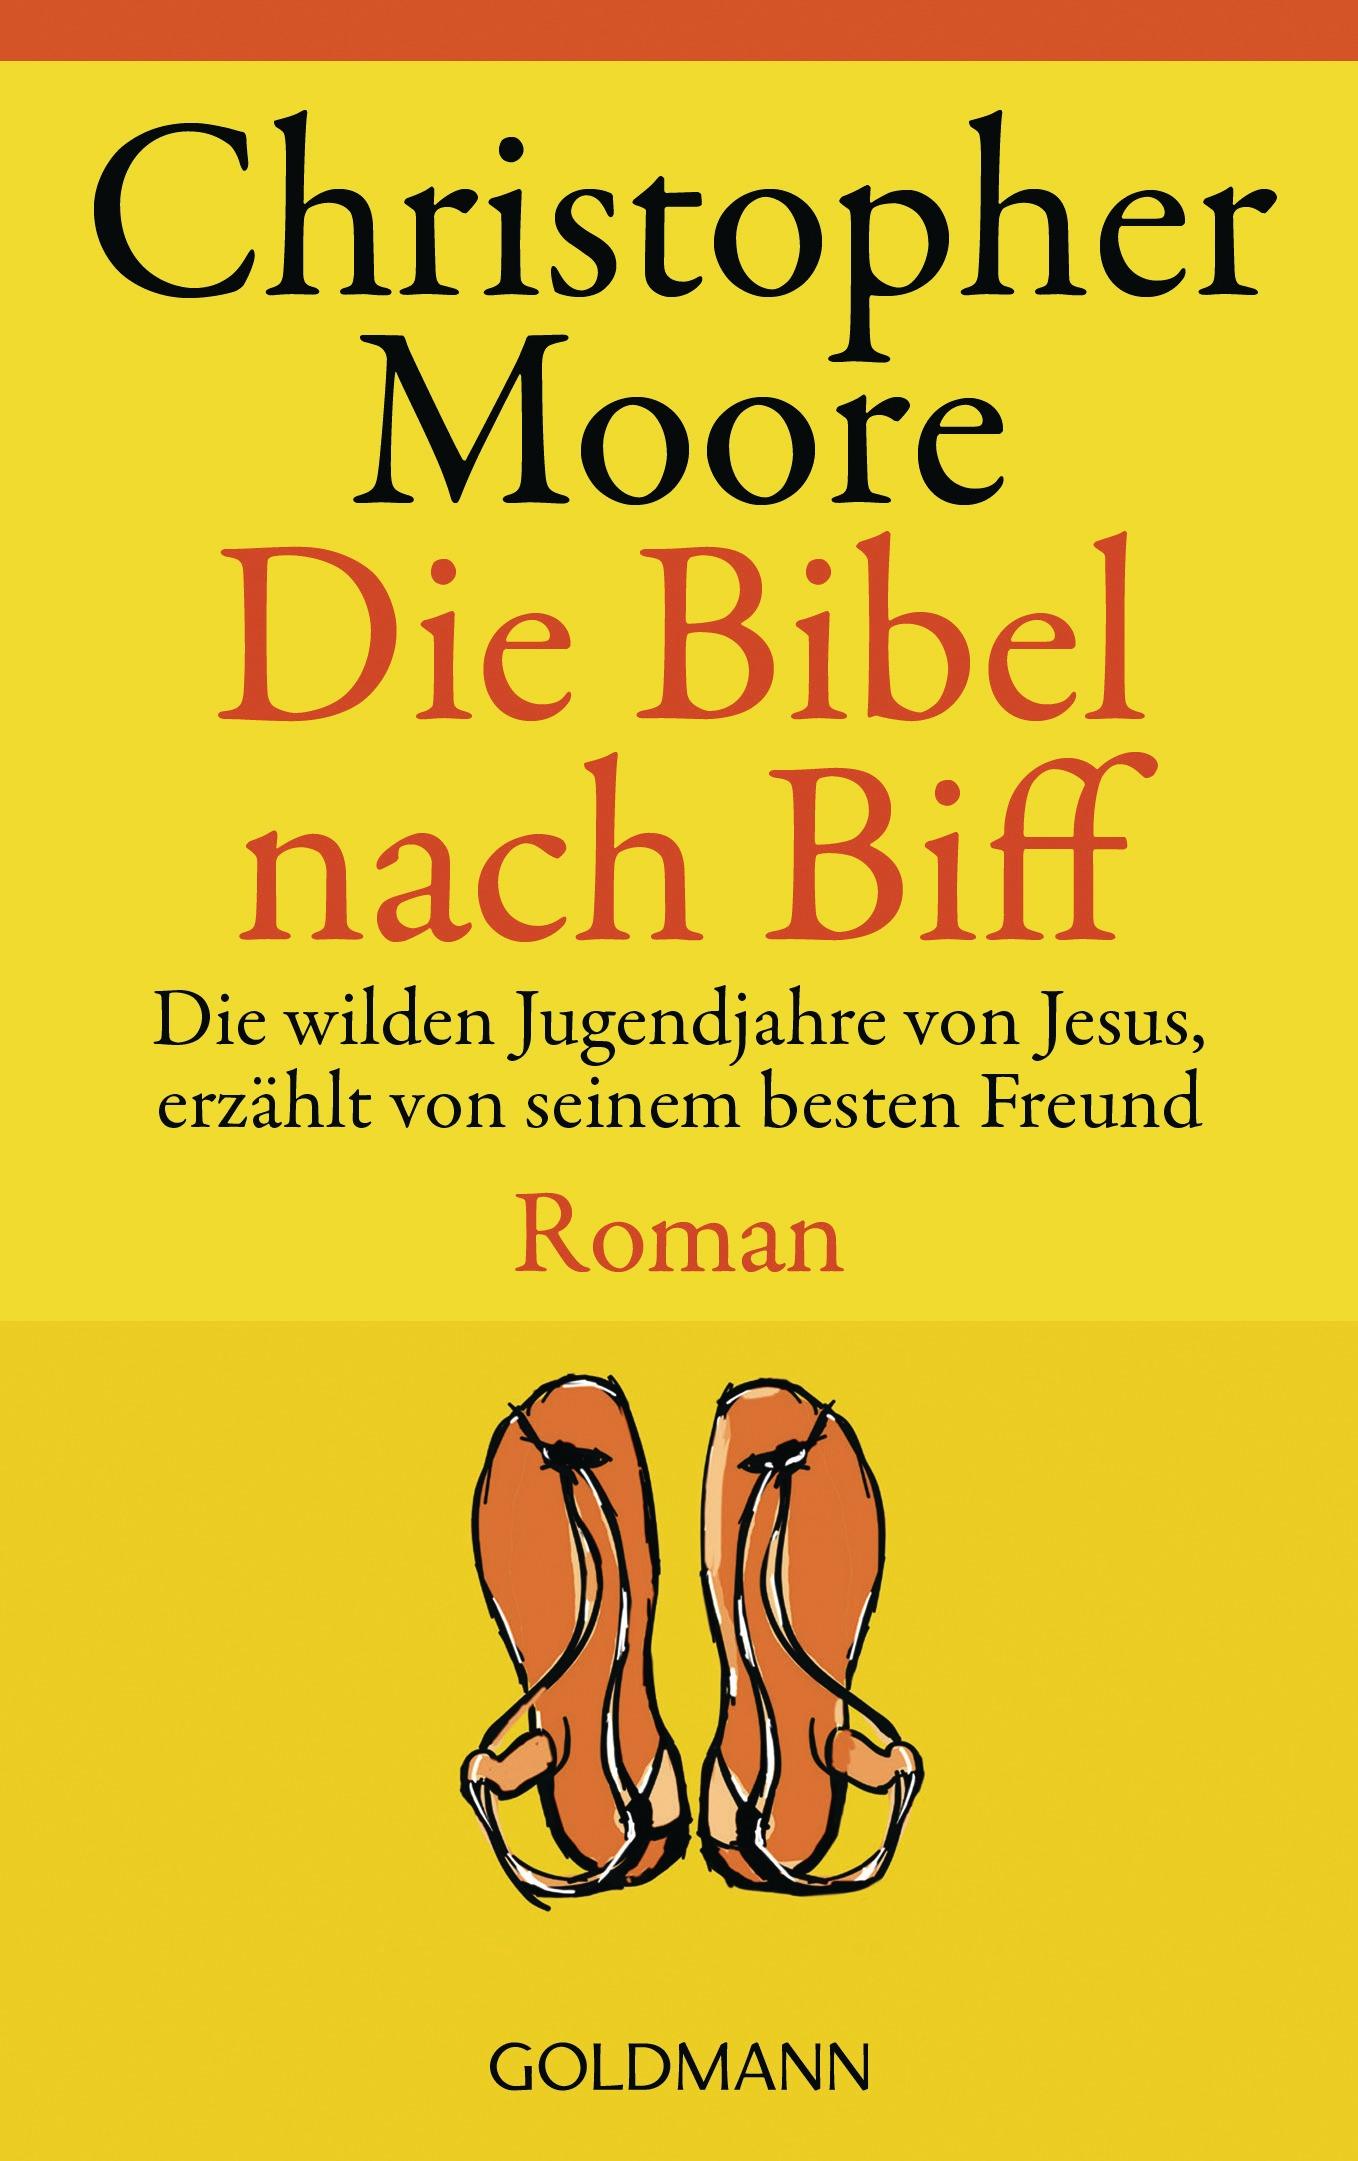 Die Bibel nach Biff - Die wilden Jugendjahre von Jesus, erzählt von seinem besten Freund - Christopher Moore [Taschenbuc